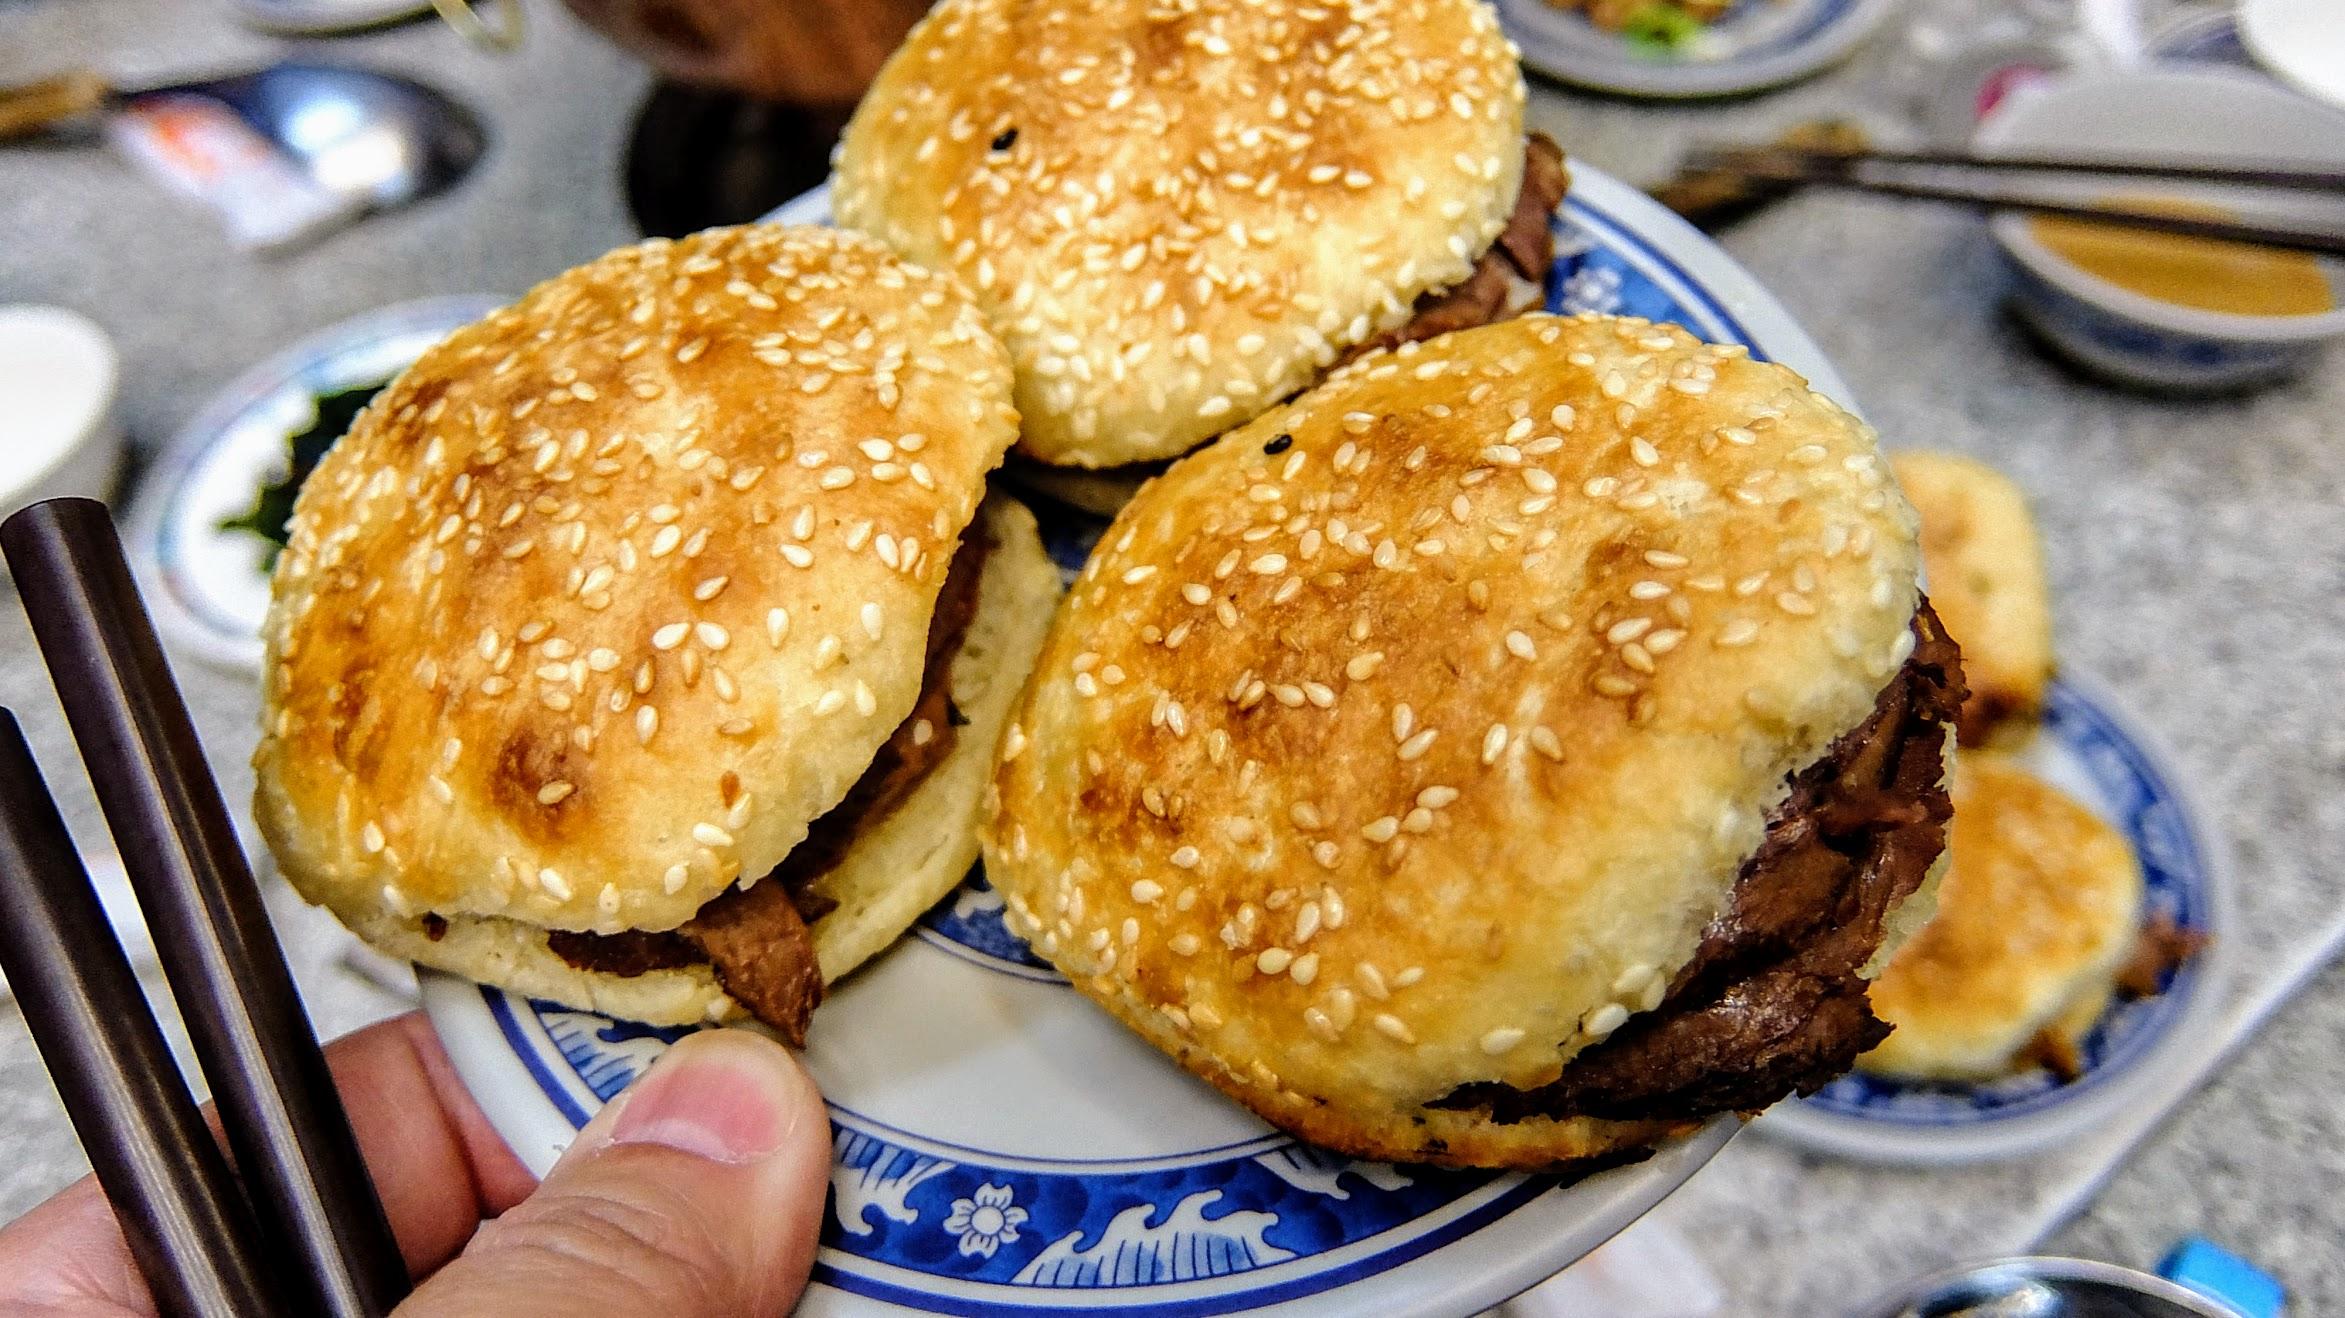 醬肉燒餅,外皮酥脆,裡頭則是夾著牛肉或豬肉